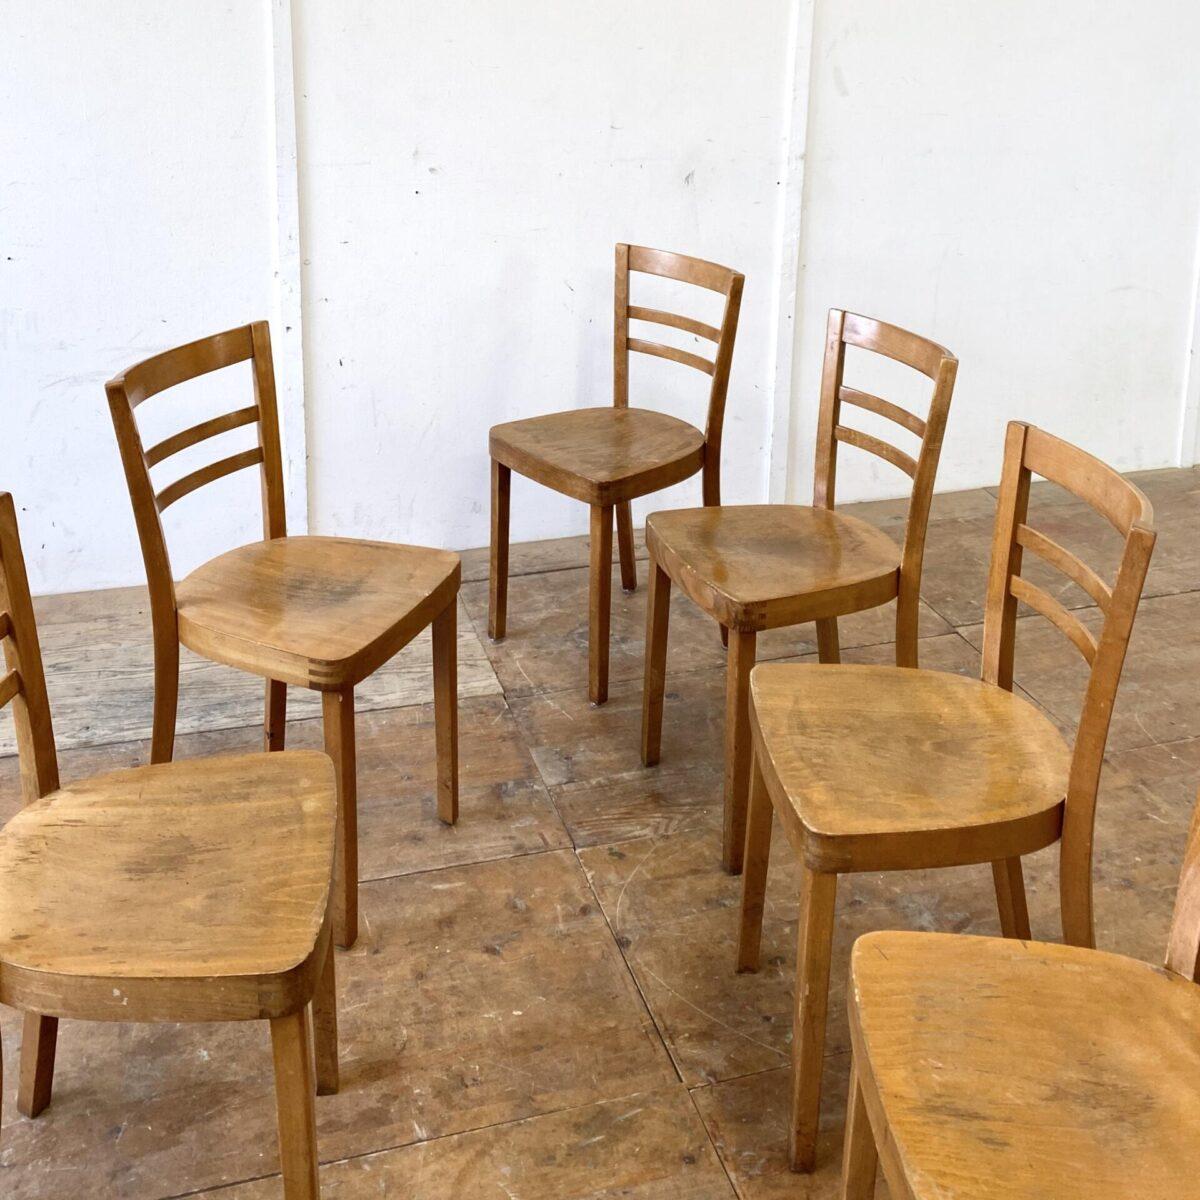 Deuxieme.shop Beizenstühle horgenglaruschairs. 6er Set Beizenstühle mit feinem Rücken. Die Stühle sind recht verbraucht aber in stabilem leicht überarbeiteten Zustand, wacklige Beine sind frisch verleimt.